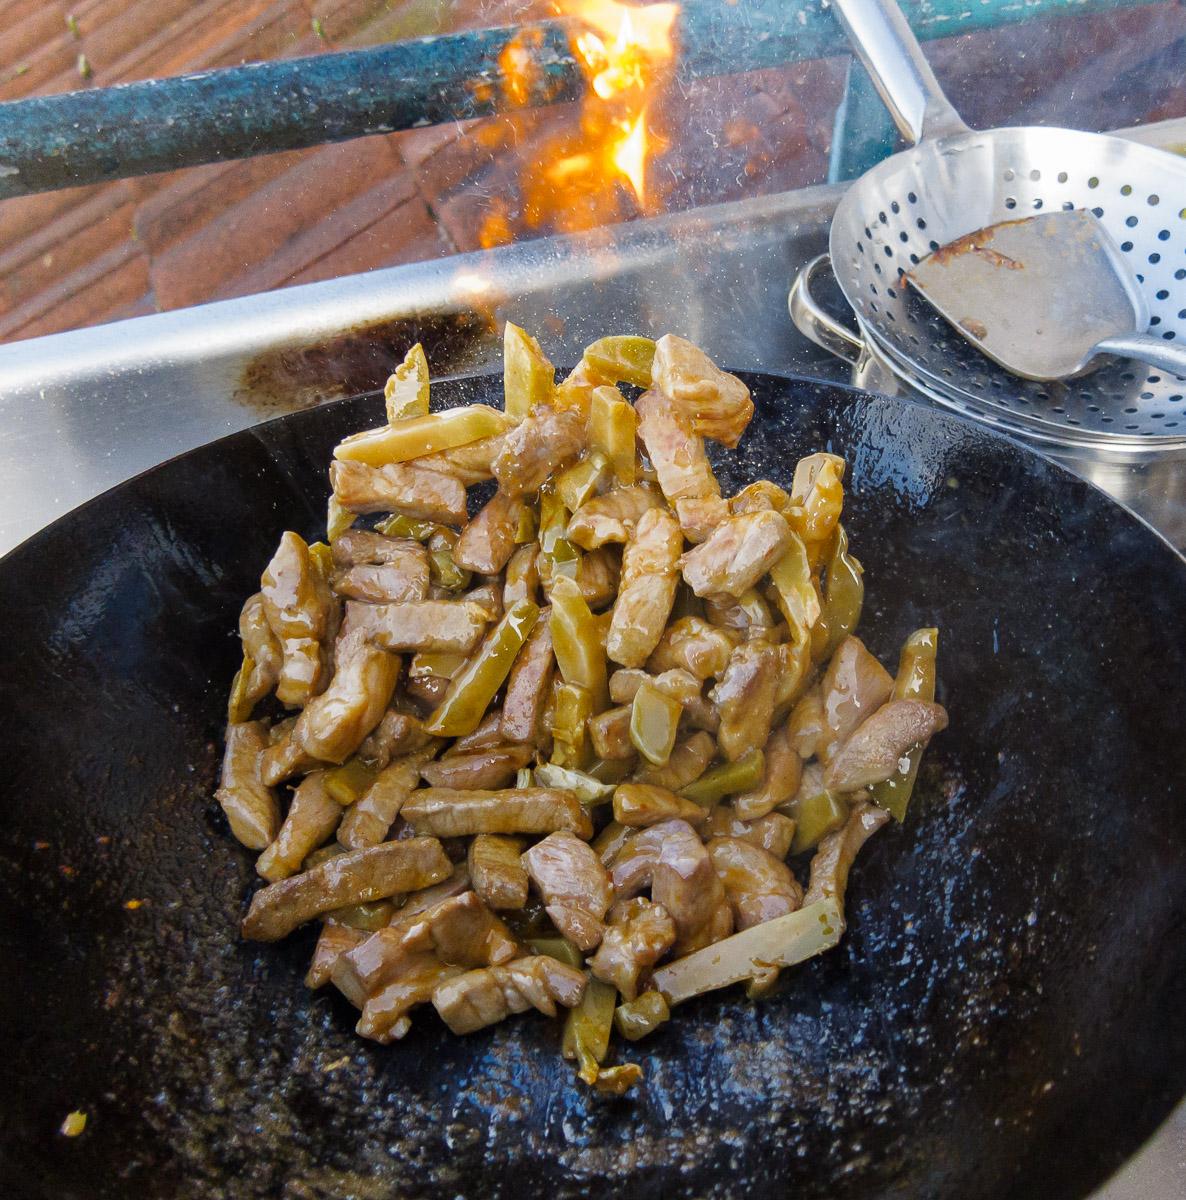 Fleisch und Sichuangemüse braten